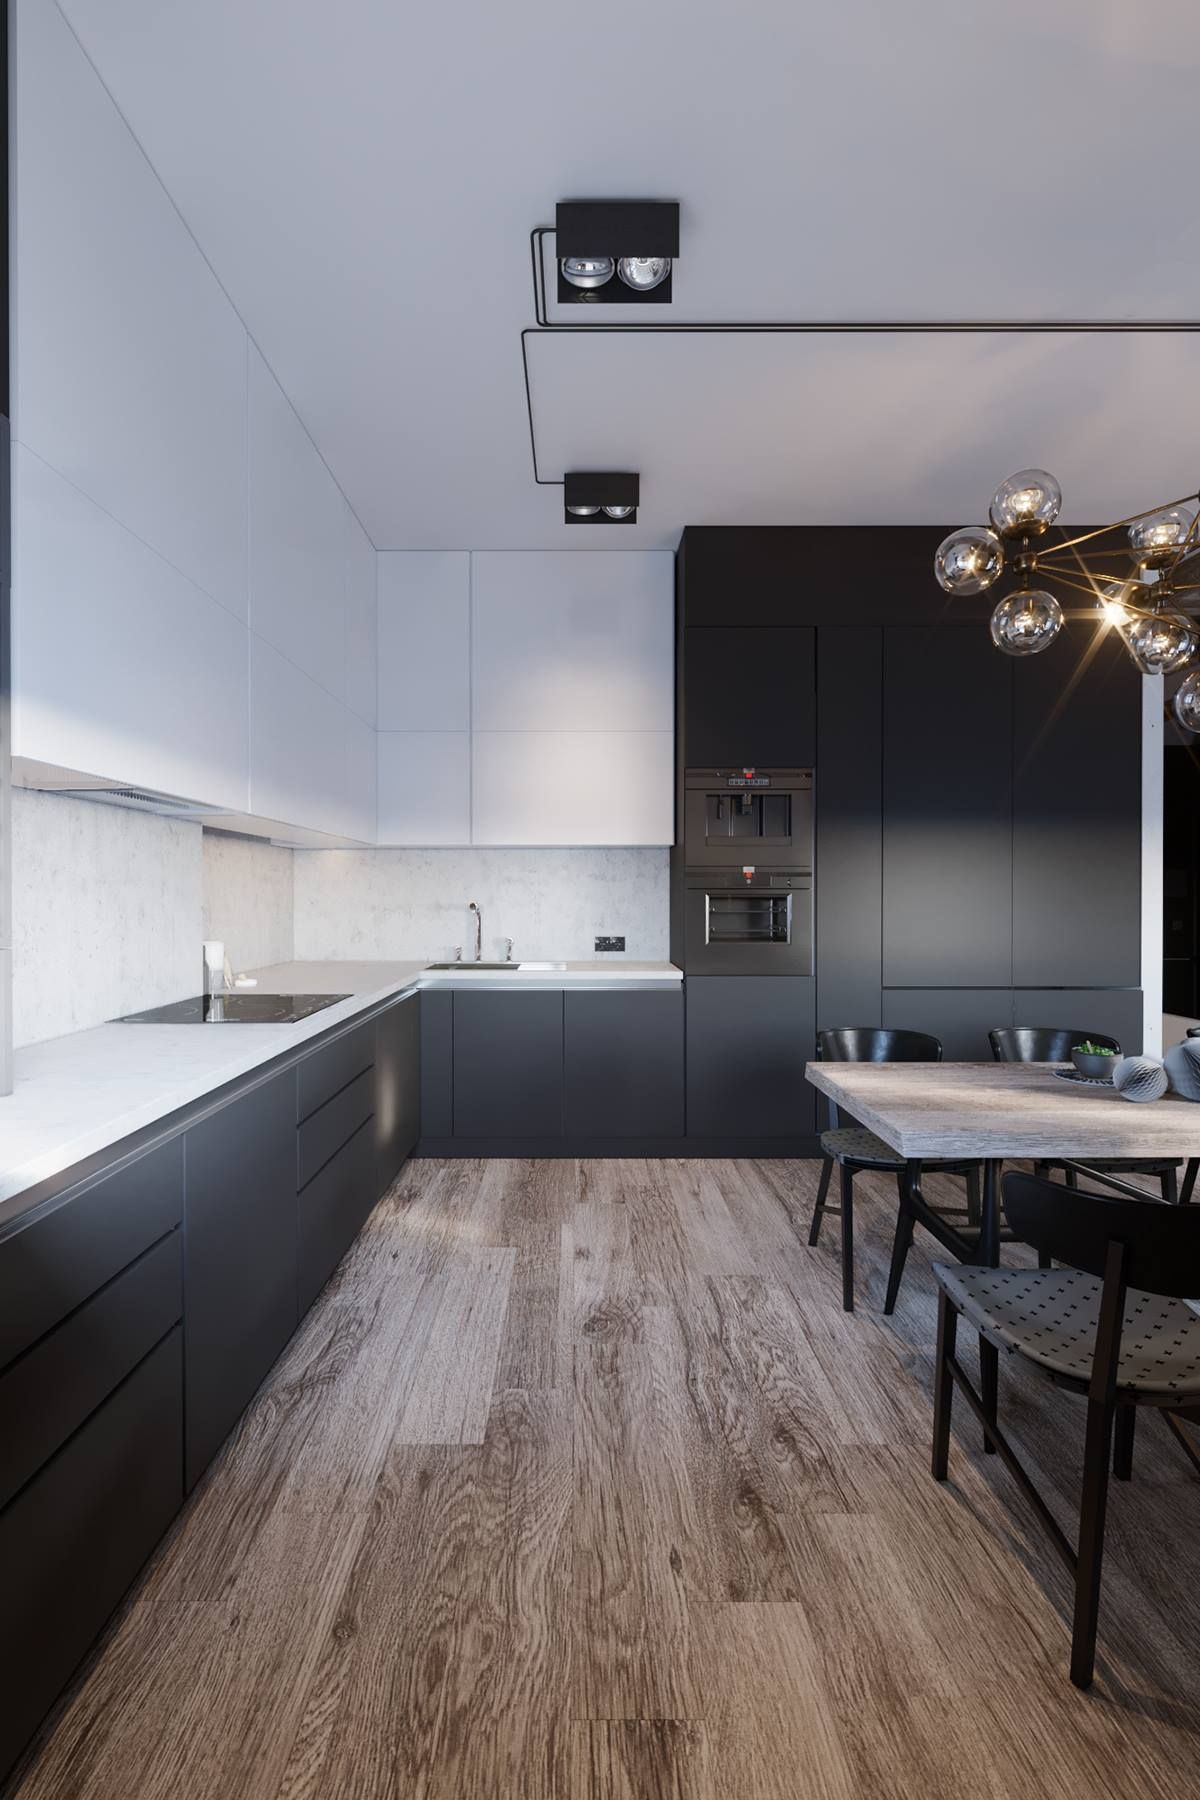 Cucine | Kitchen | Pinterest | Cucine, Cucine moderne and Cucine ...